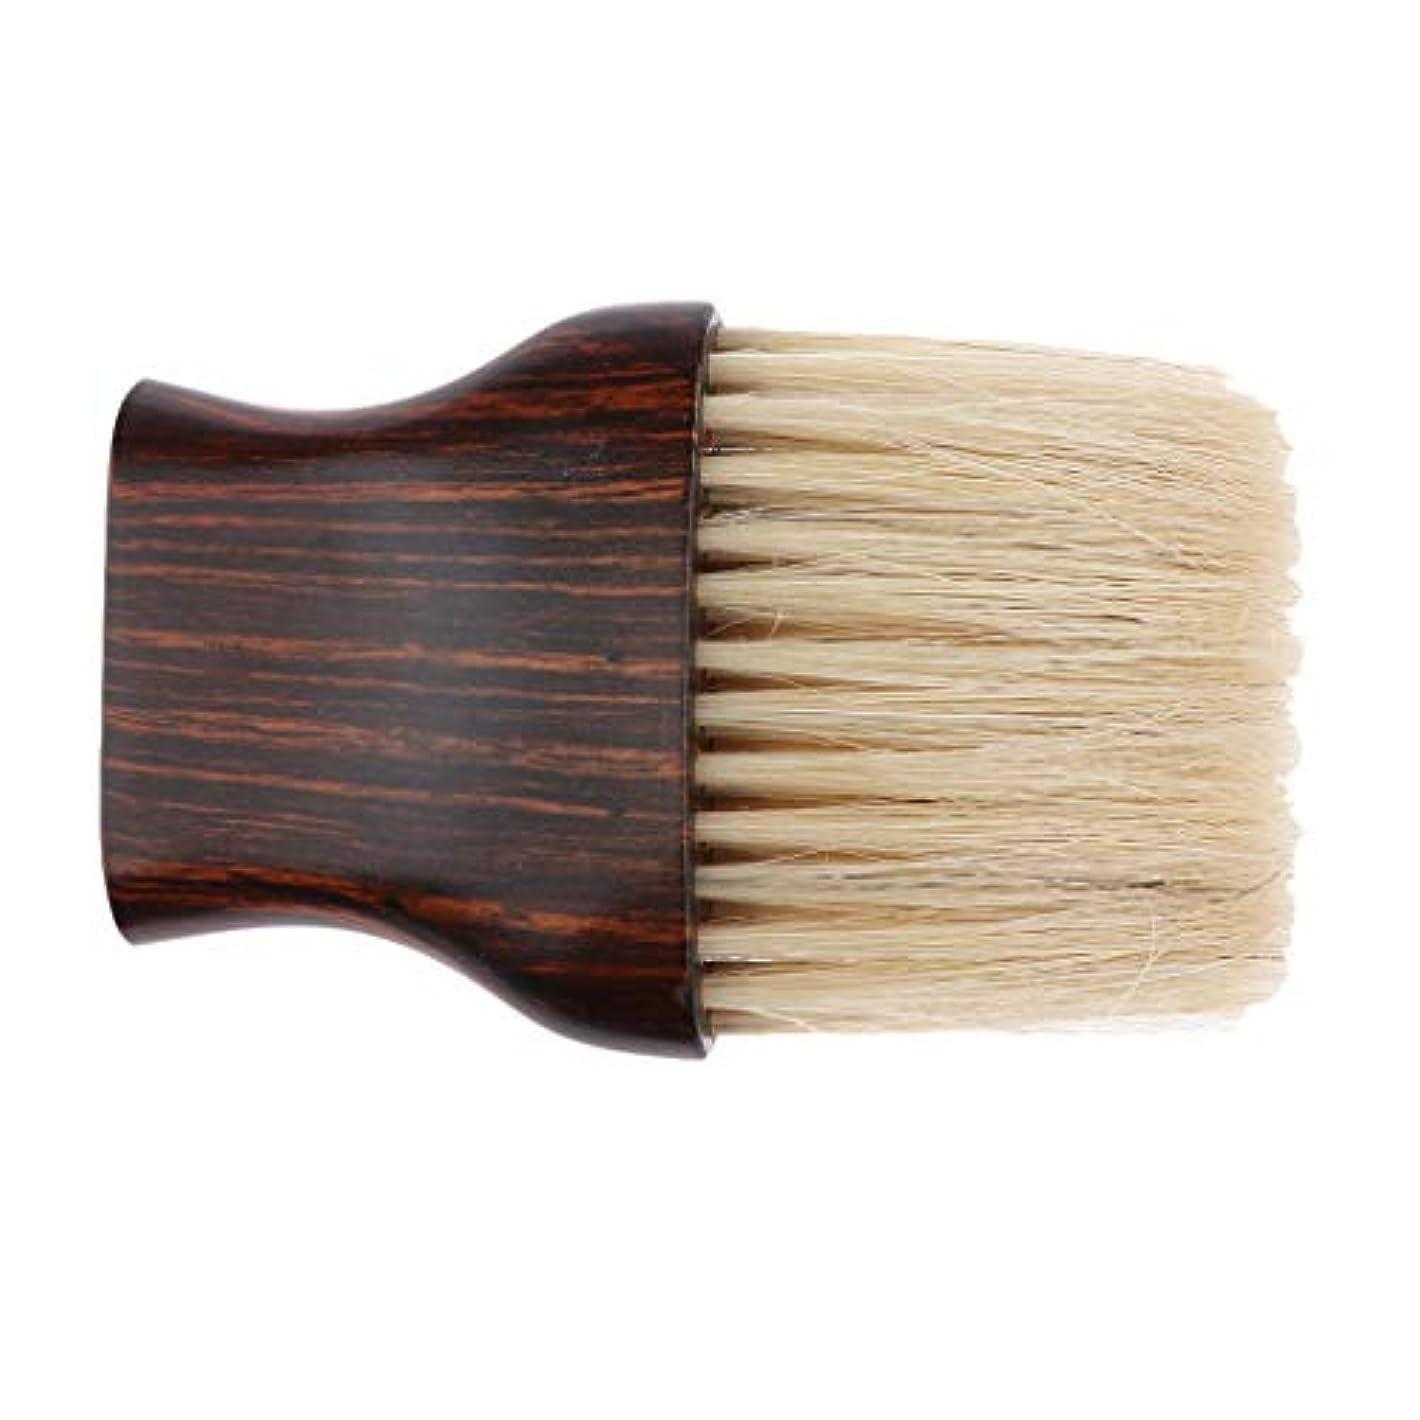 証言講師整理する理髪 ネックダスターブラシ クリーニング ヘアブラシ ヘアスイープブラシ サロンヘアカット ツール